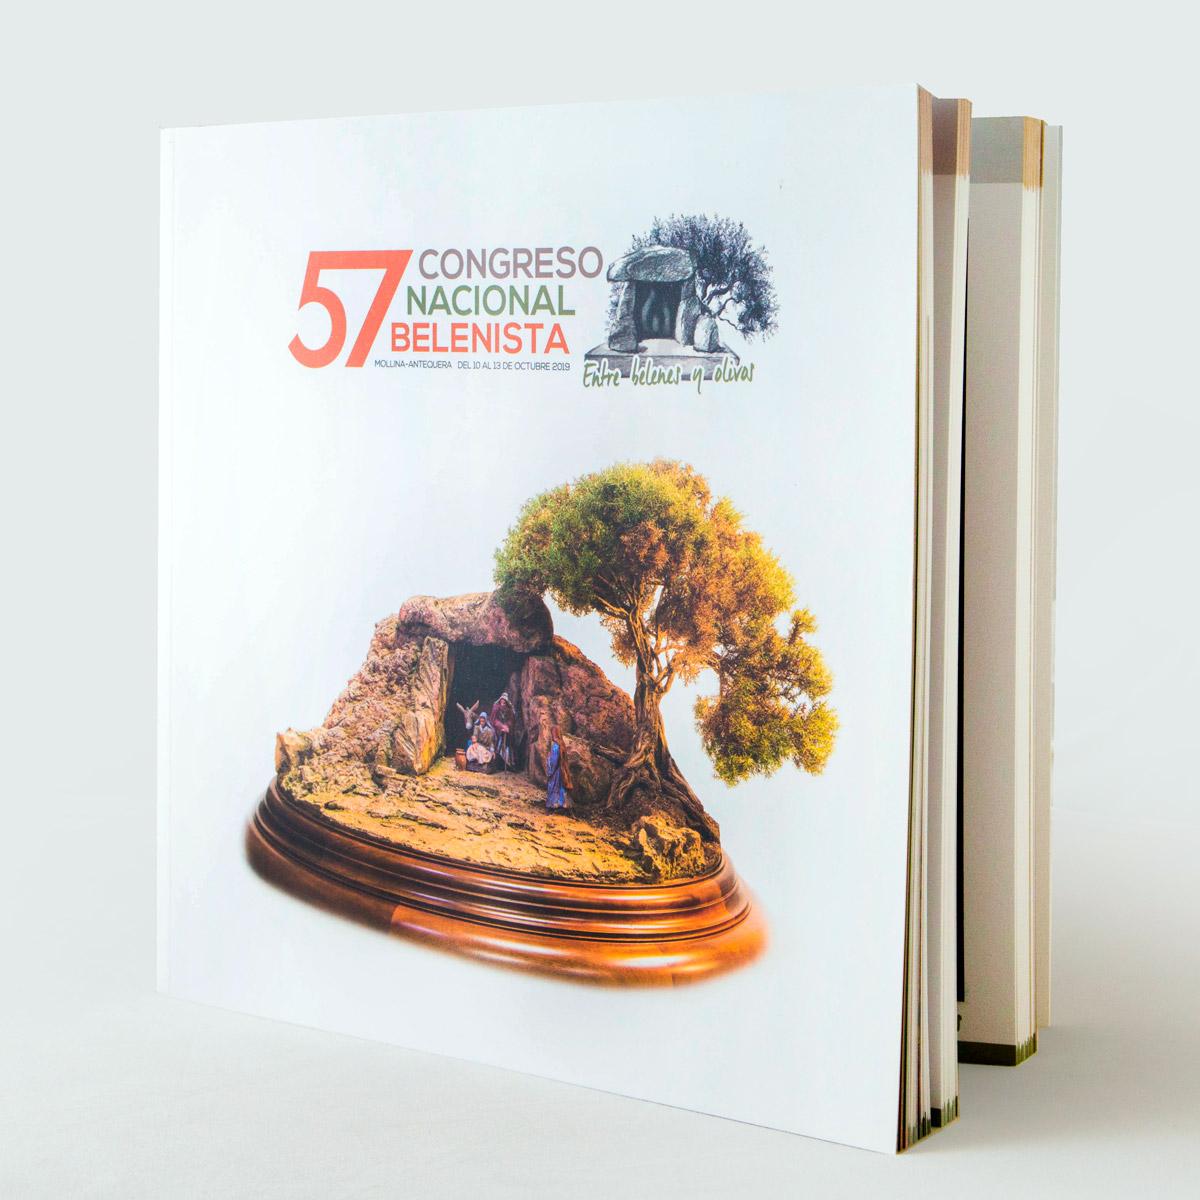 EVENTOS 57 CONGRESO NACIONAL ARTE BELENISTA FANS MARKETING MÁLAGA